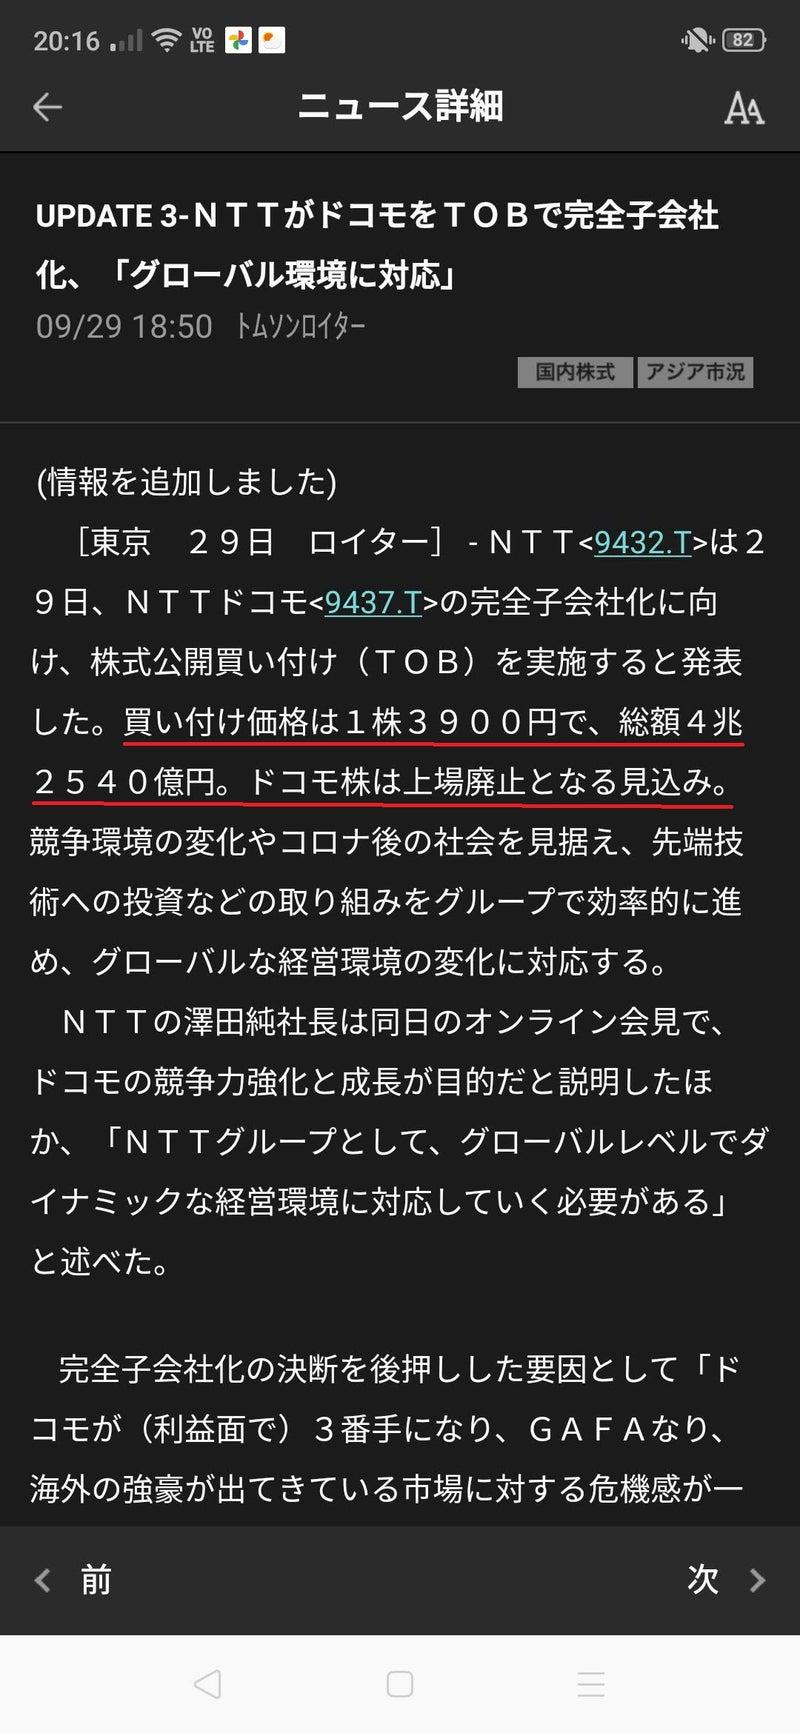 ドコモ 株価 Ntt